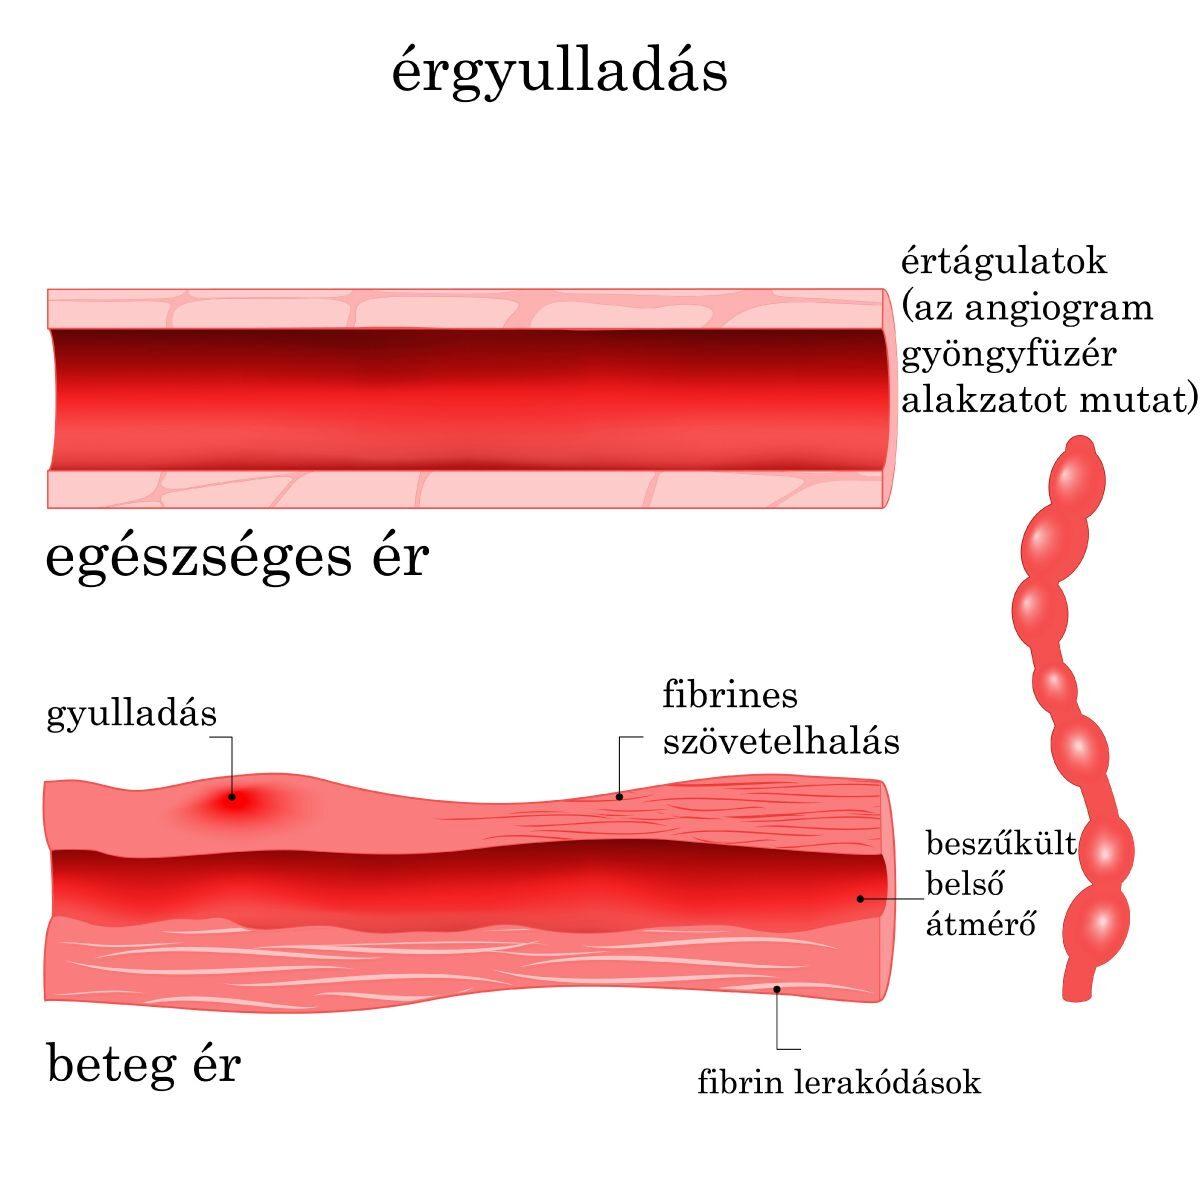 a vénák visszérrel történő megerősítésére visszér és műtét előnyei és hátrányai